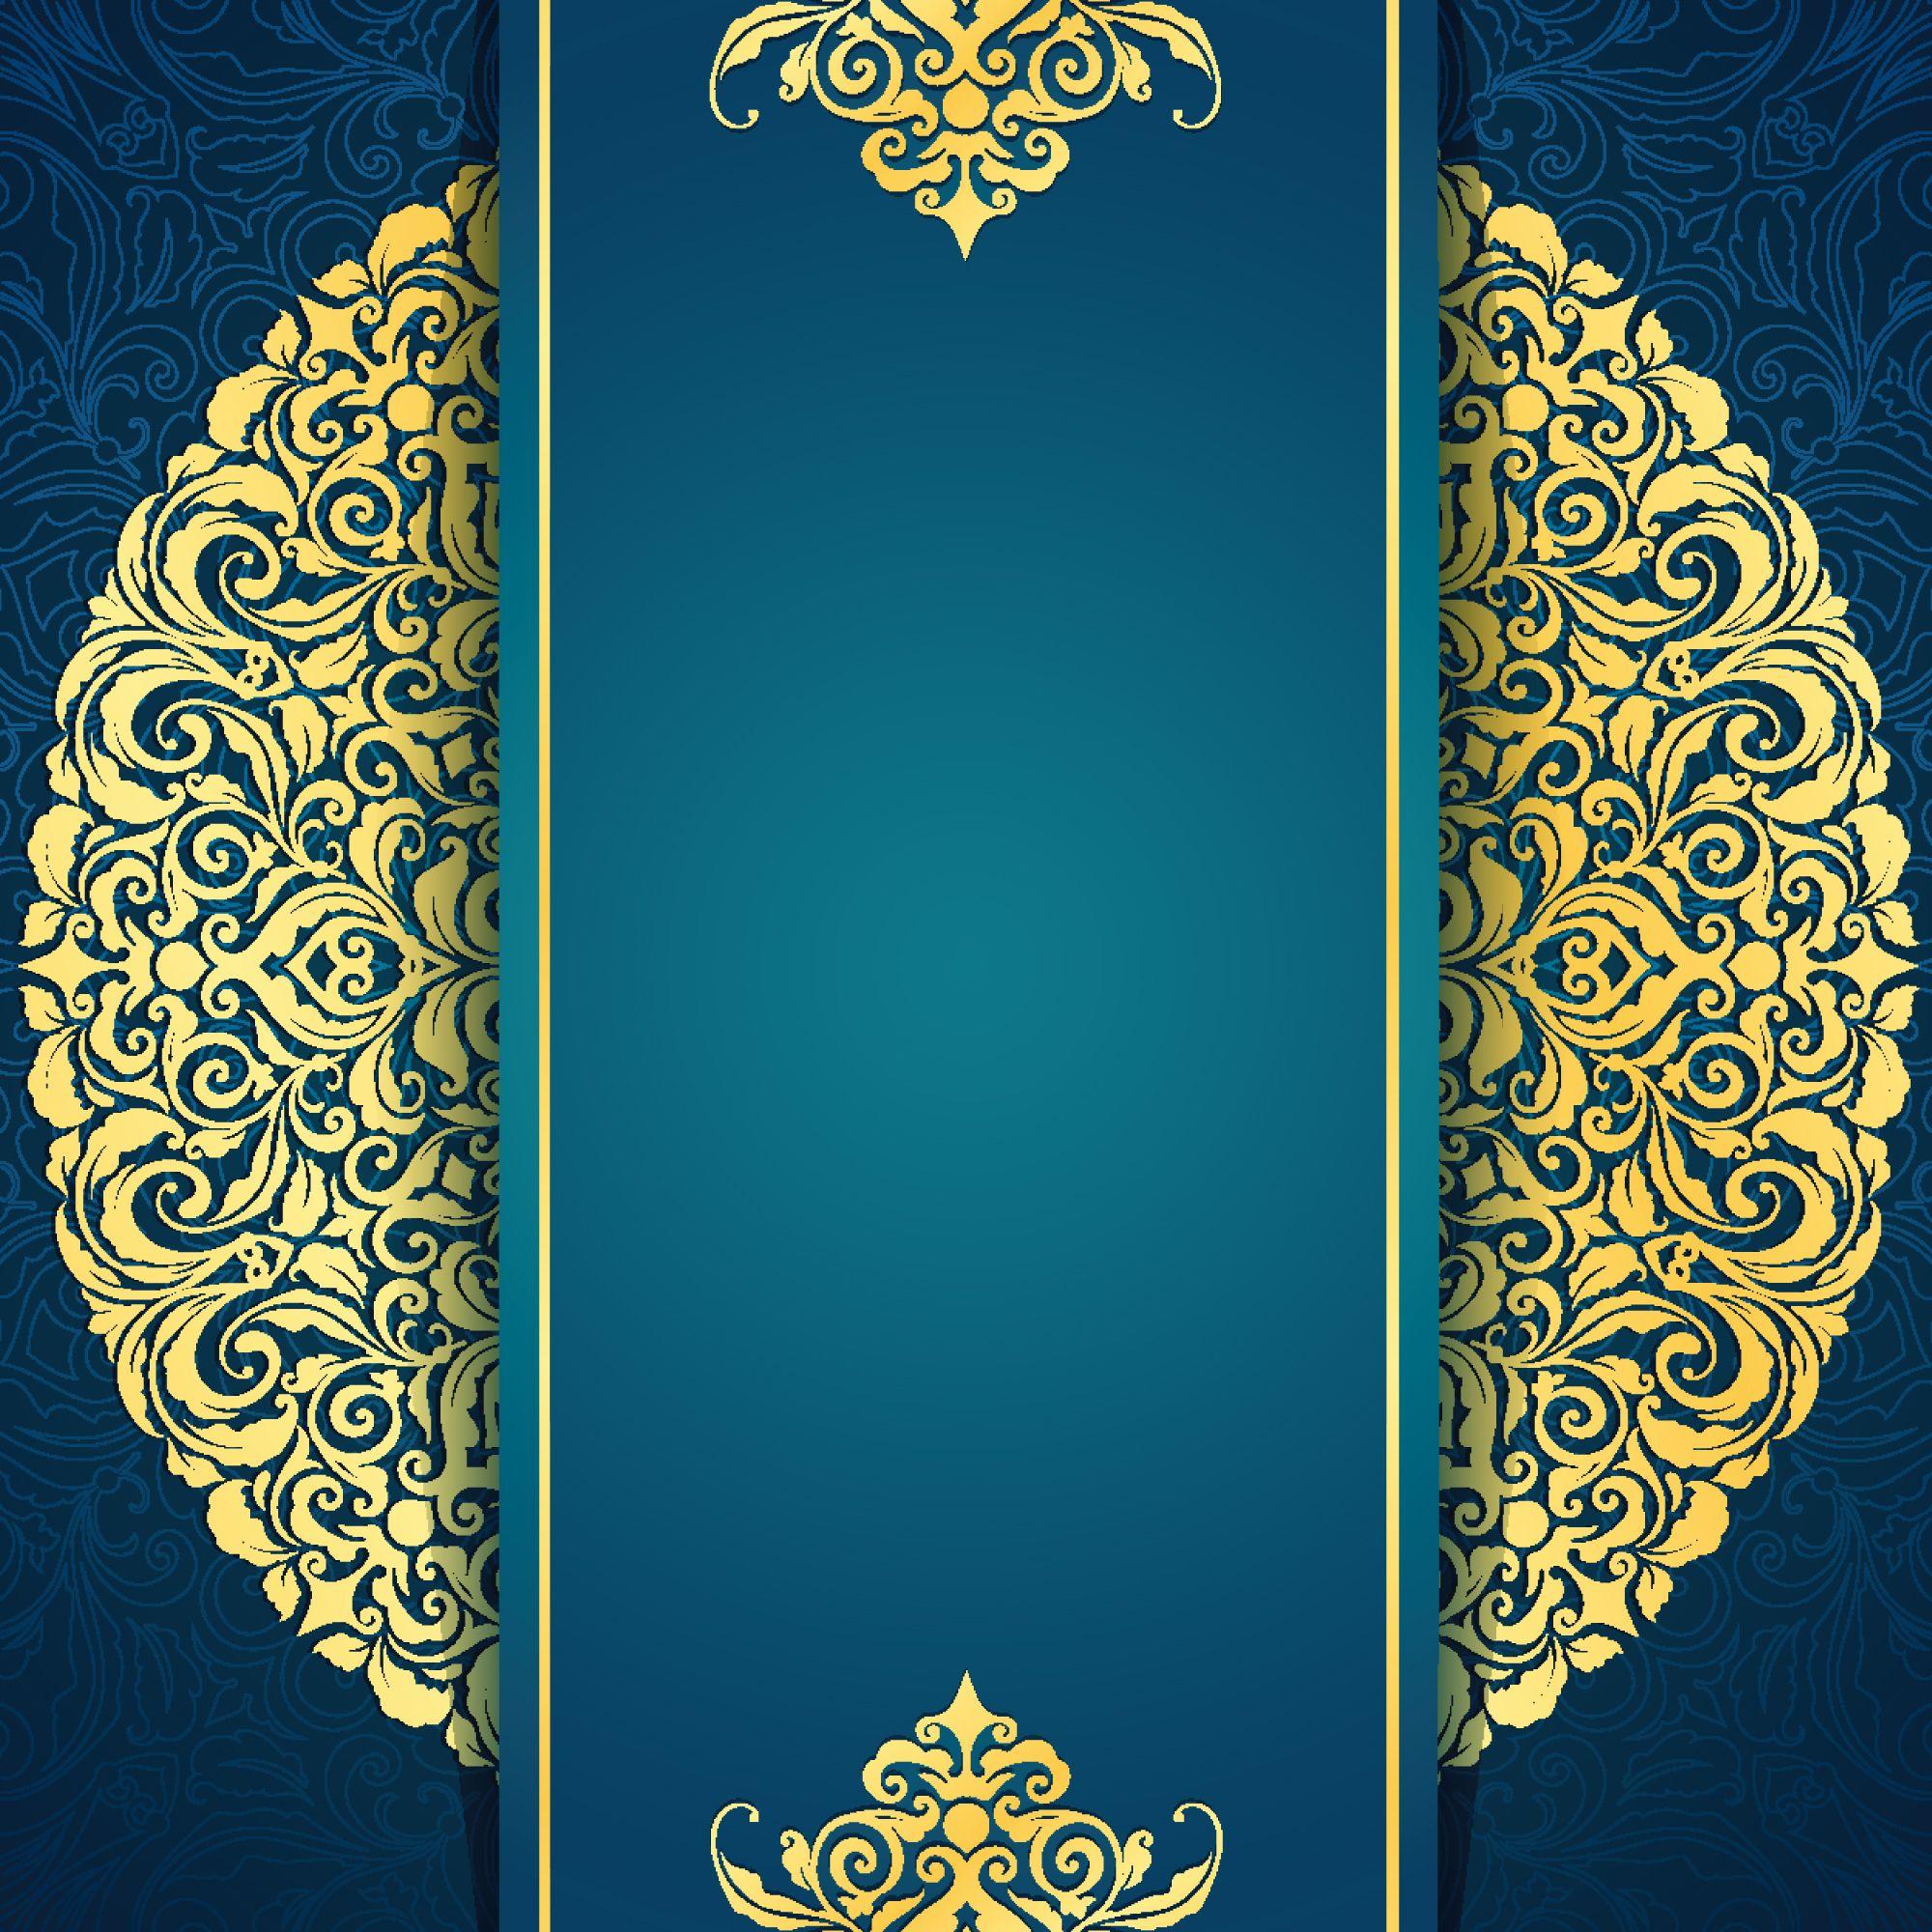 14 Elegant Invitation Card Background Images Images Wedding 2000x2000